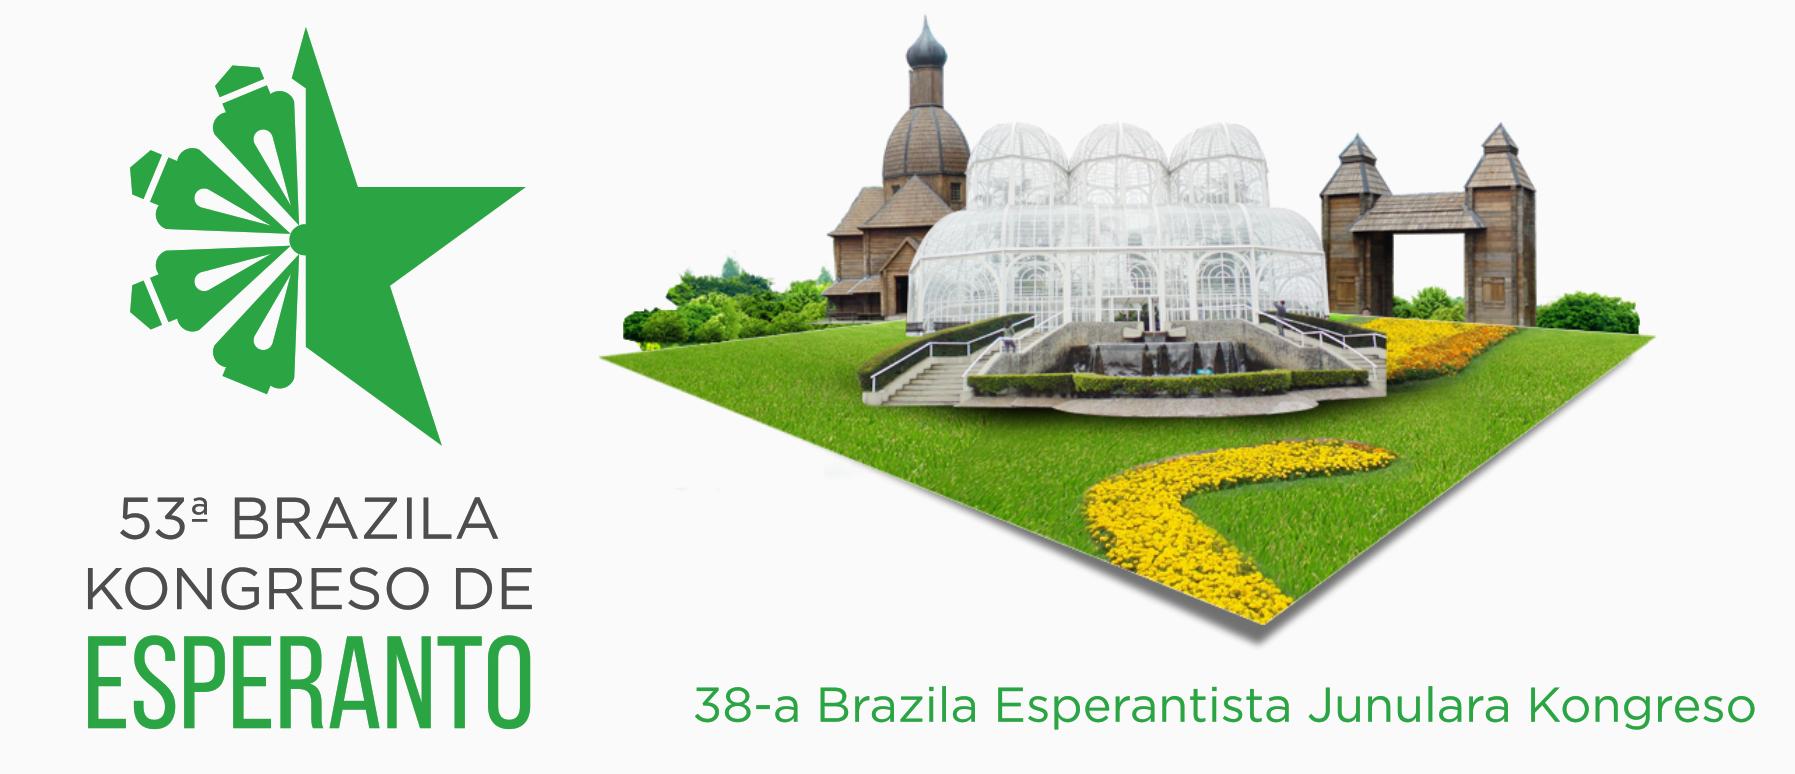 53º Congresso Brasileiro de Esperanto